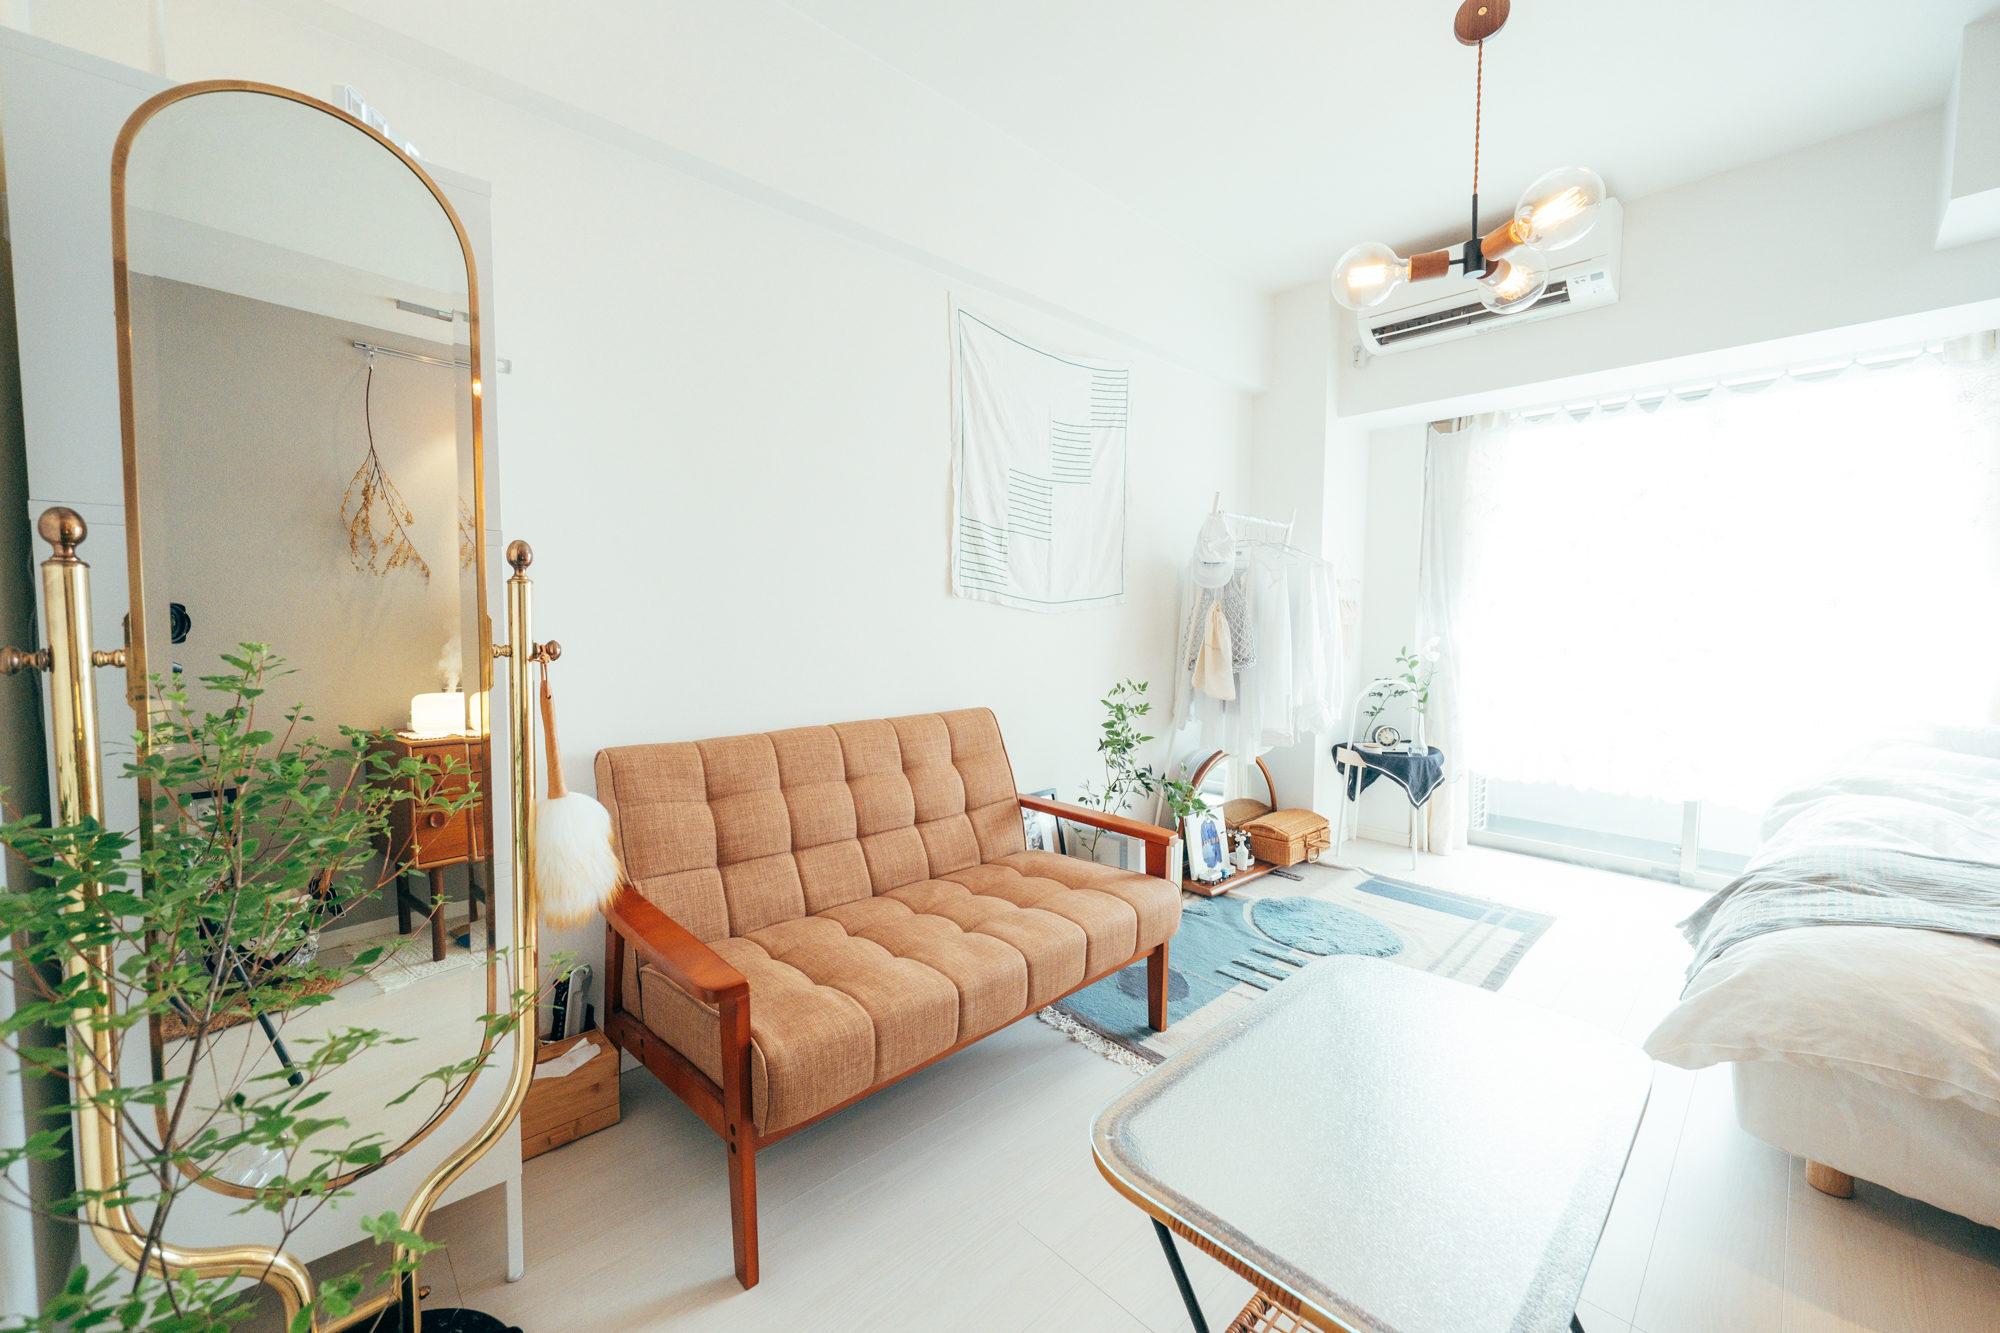 ファブリックタイプなら、布地のカラーも豊富なので、お部屋の雰囲気に合わせて選べることもポイントです。(このお部屋はこちら)